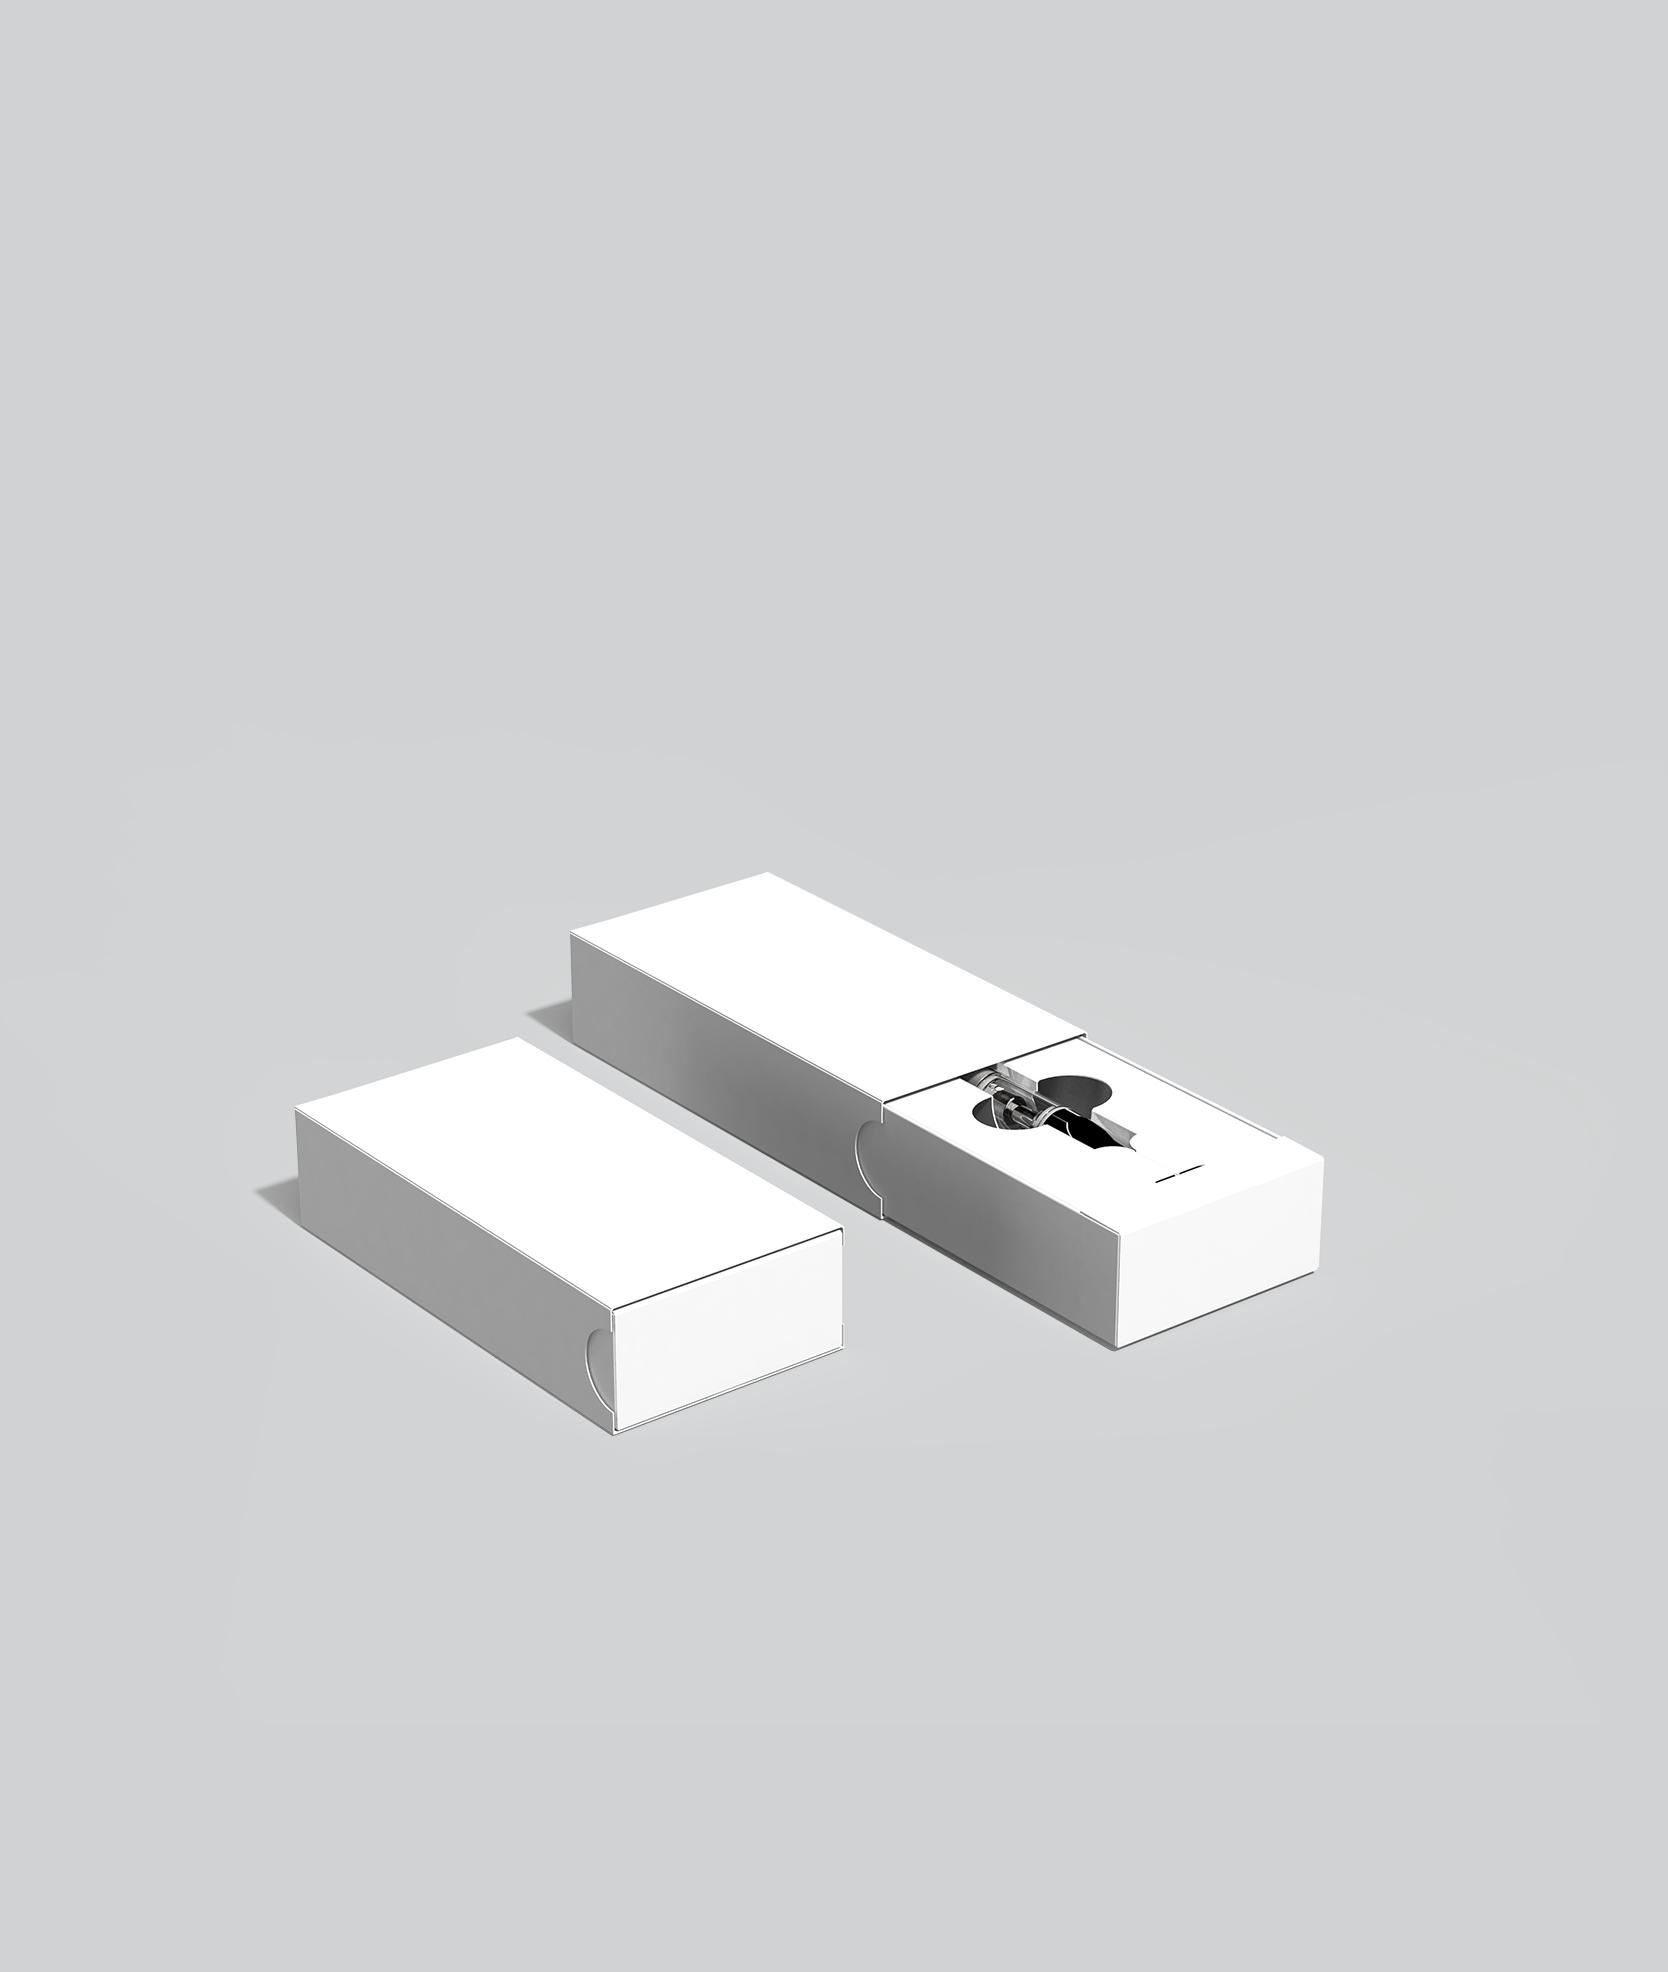 five10-box-cr-open-cart-packaging